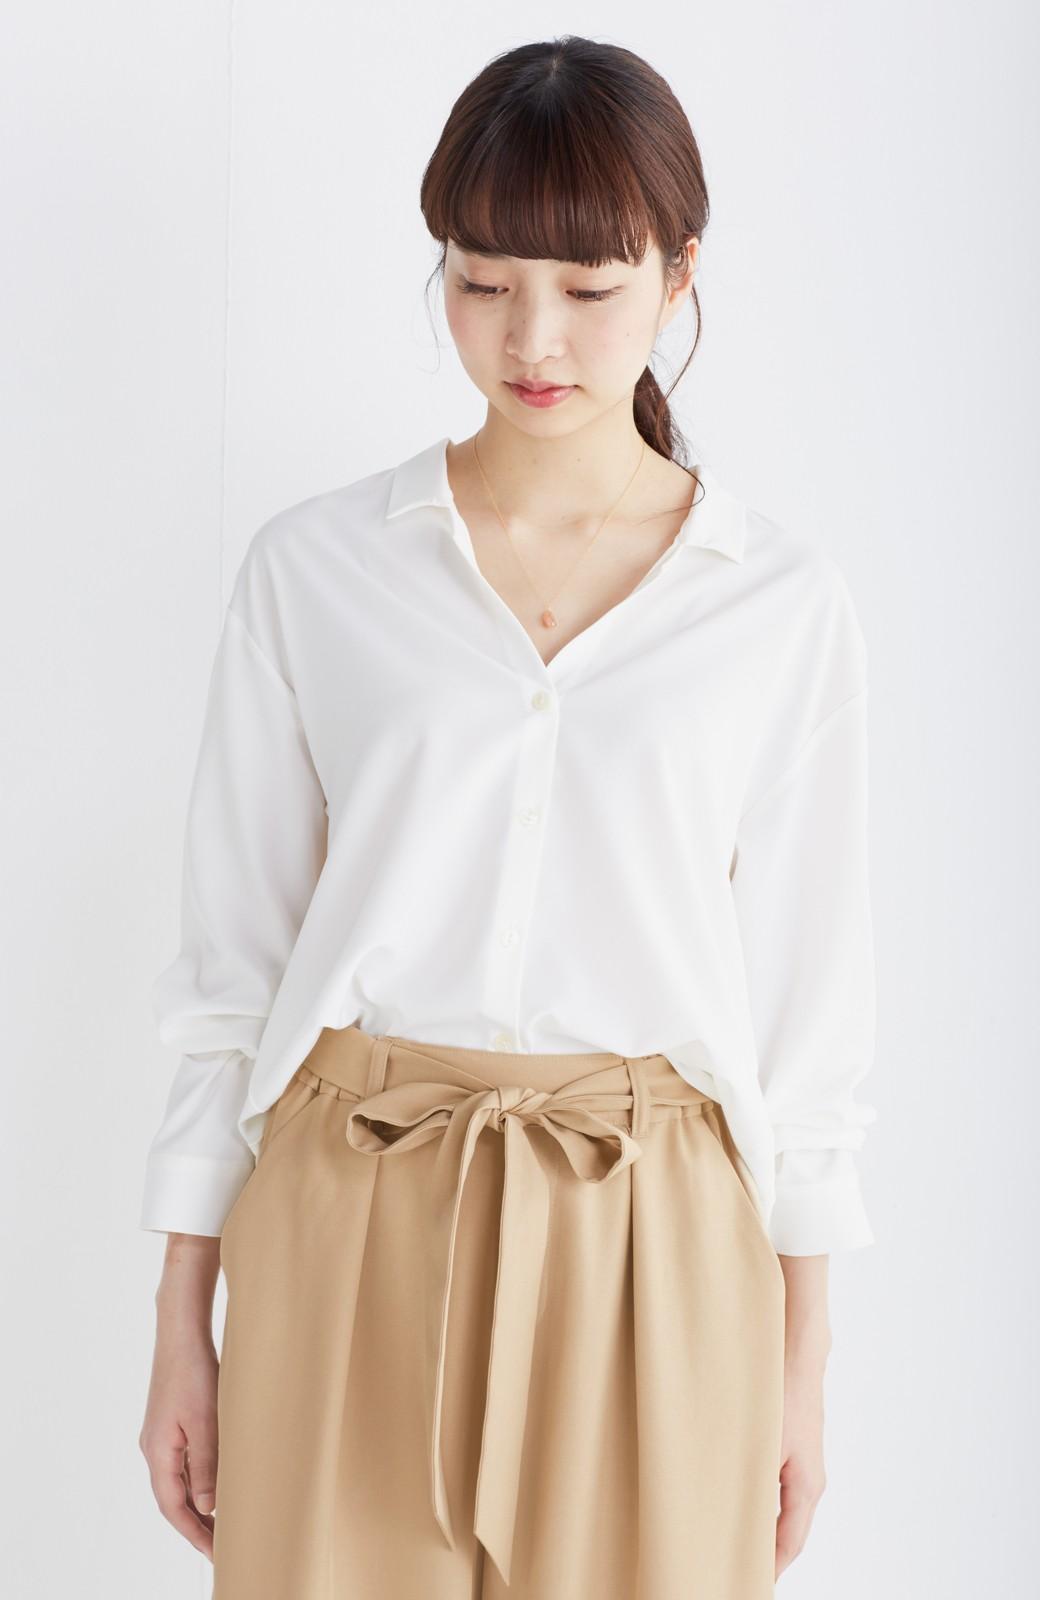 エムトロワ 女らしくてかっこいい スキッパー&抜き衿のとろみシャツ <ホワイト>の商品写真7